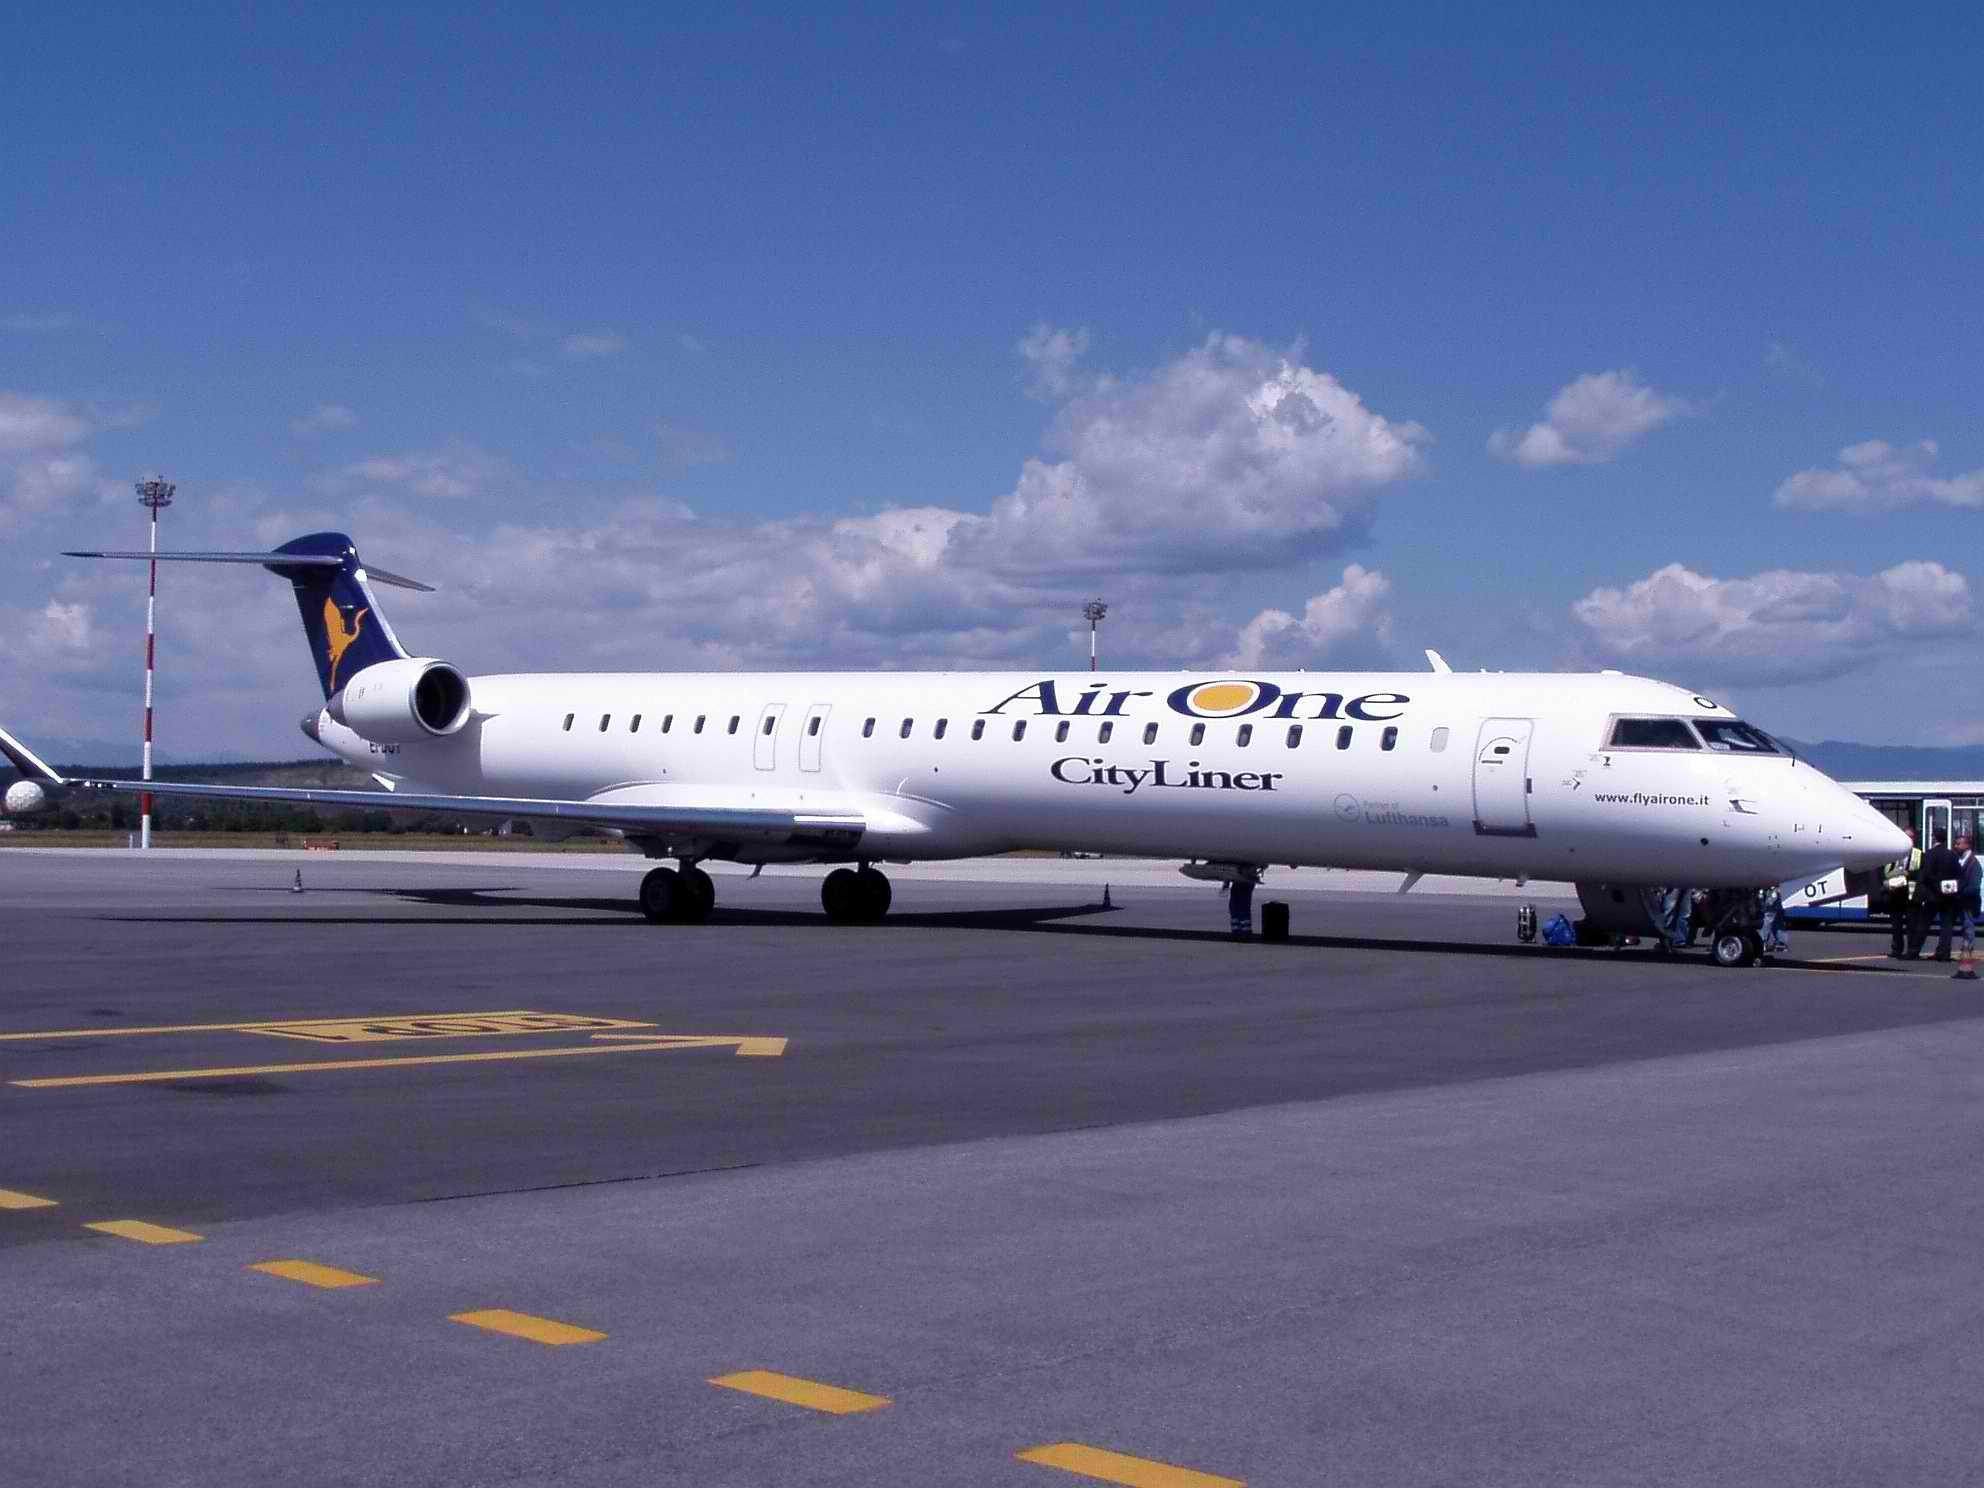 Basée à Catane, Milan, Pise et Venise, Air One était spécialisée dans les lignes point-à-point sur une trentaine d'aéroports - DR